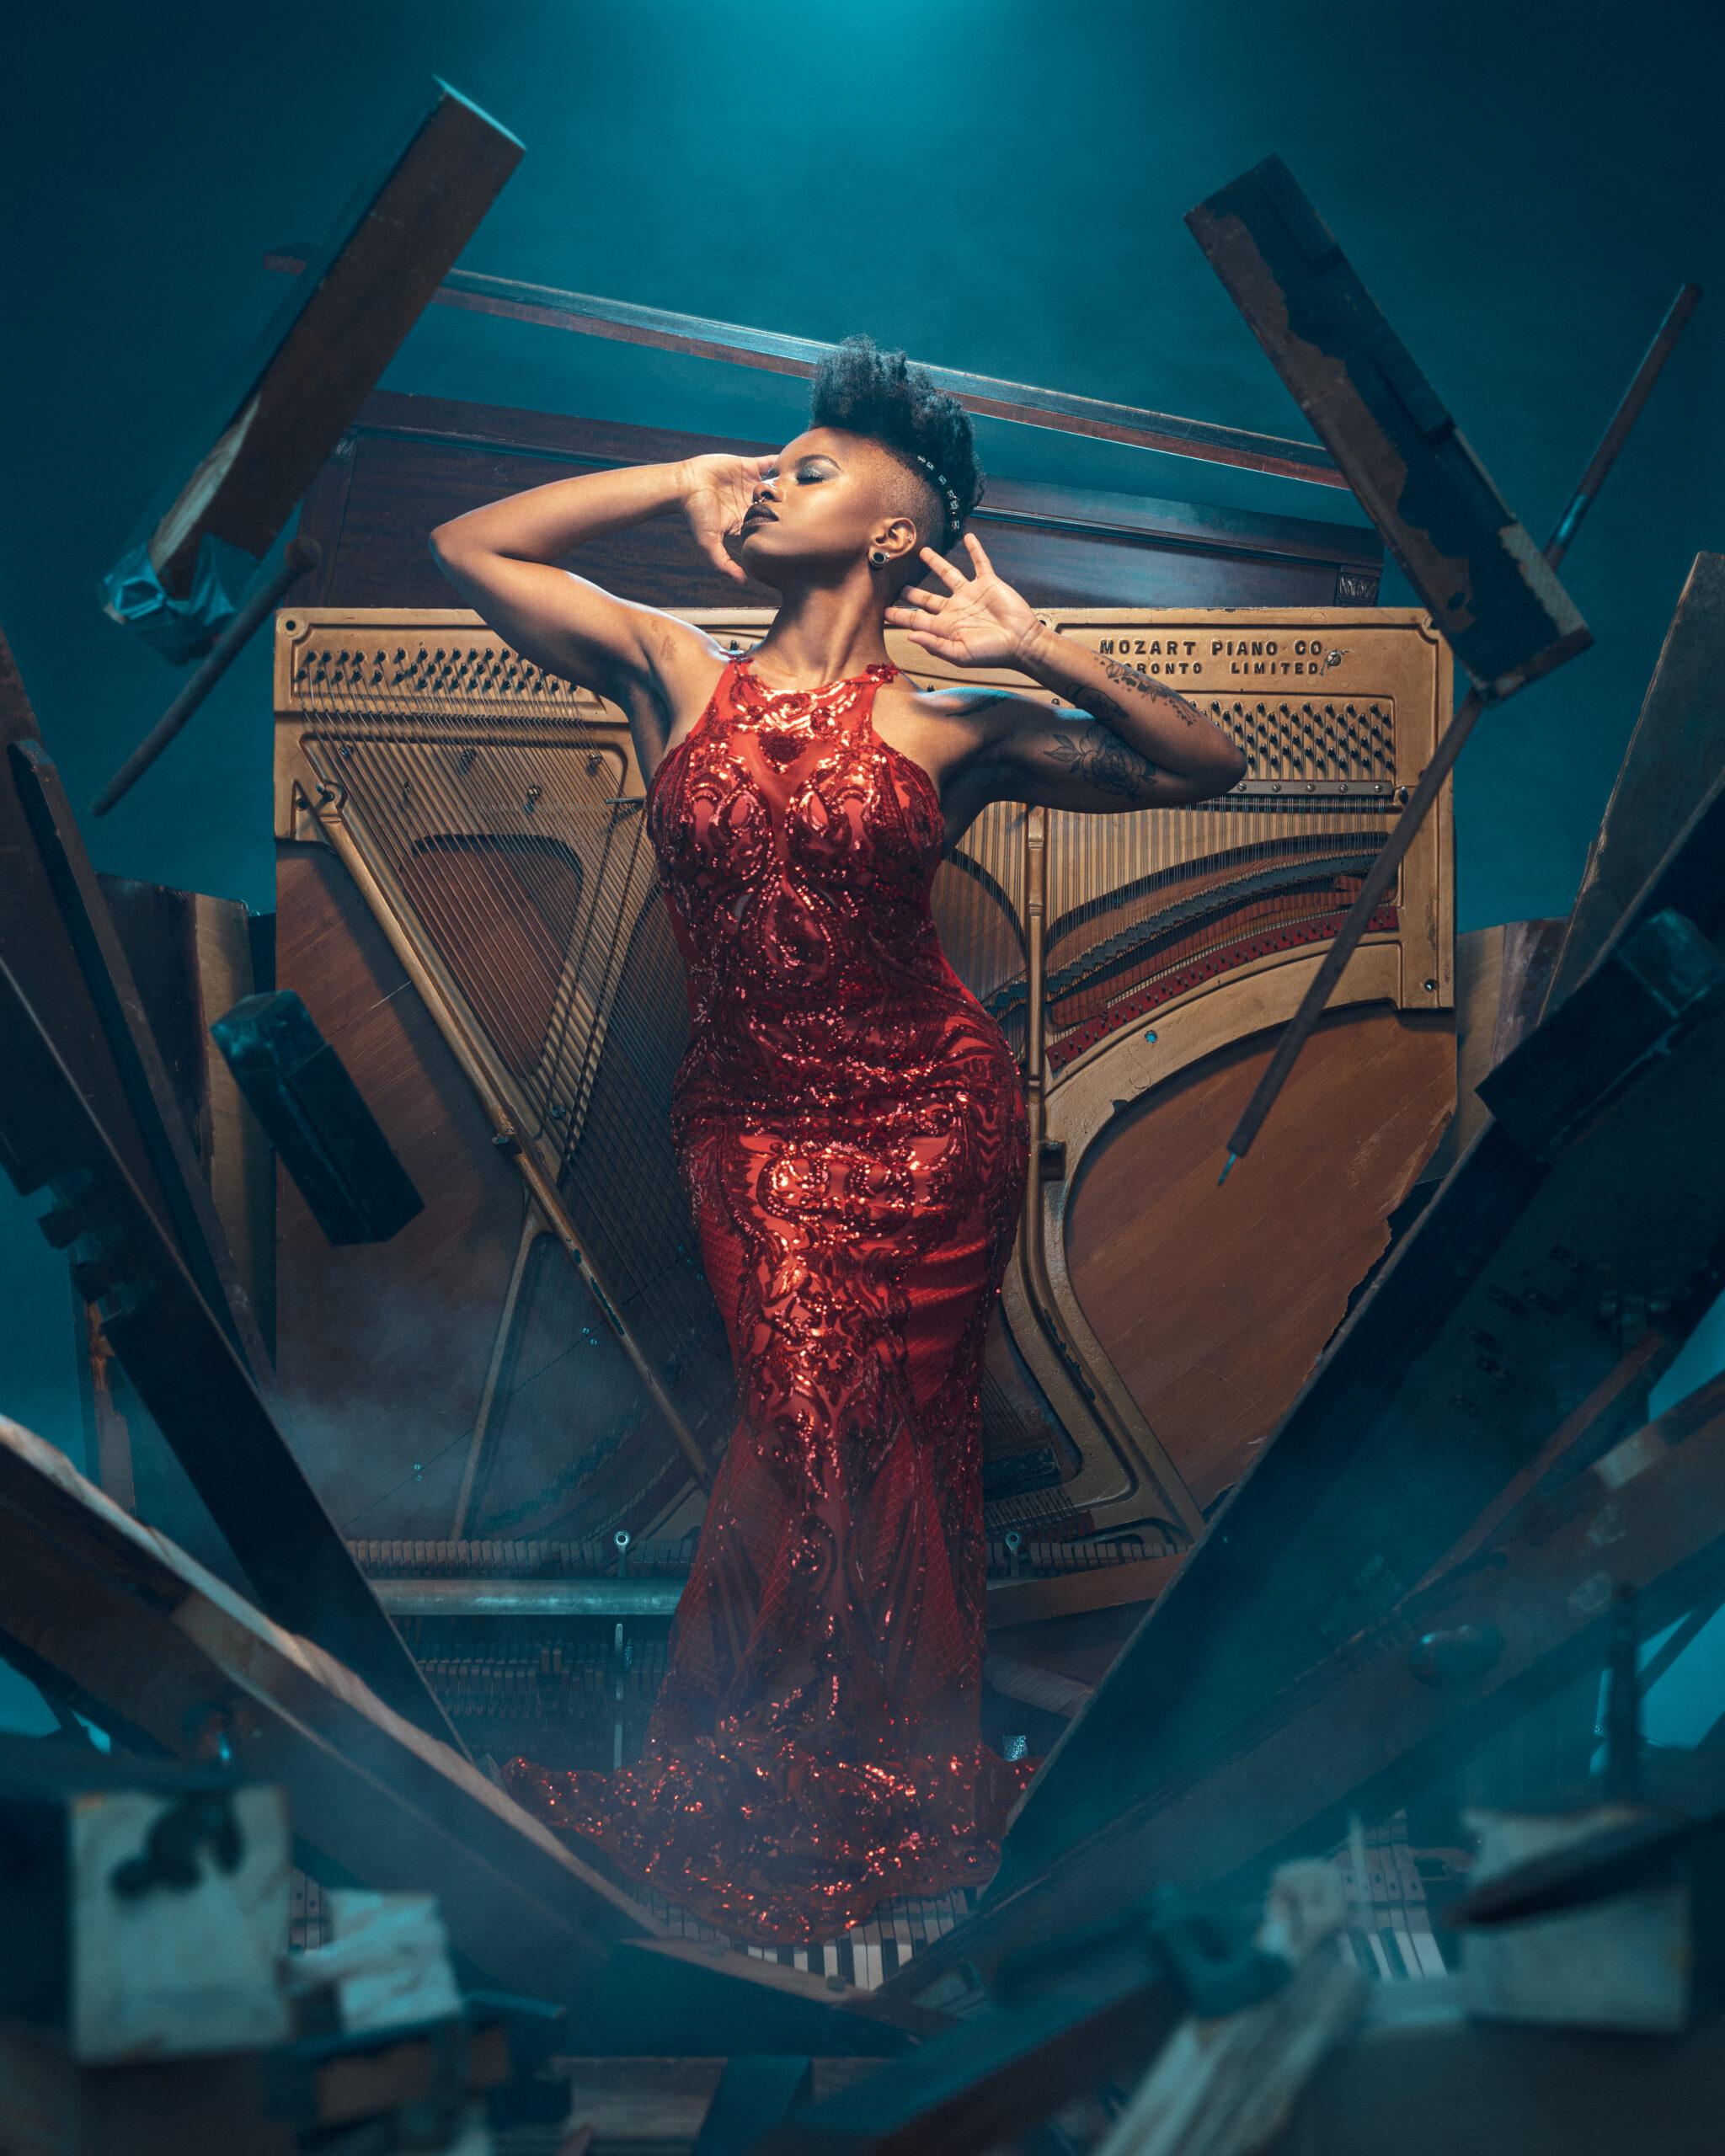 Morgan-Paige Melbourne, Where Do I Go? Tapestry Opera